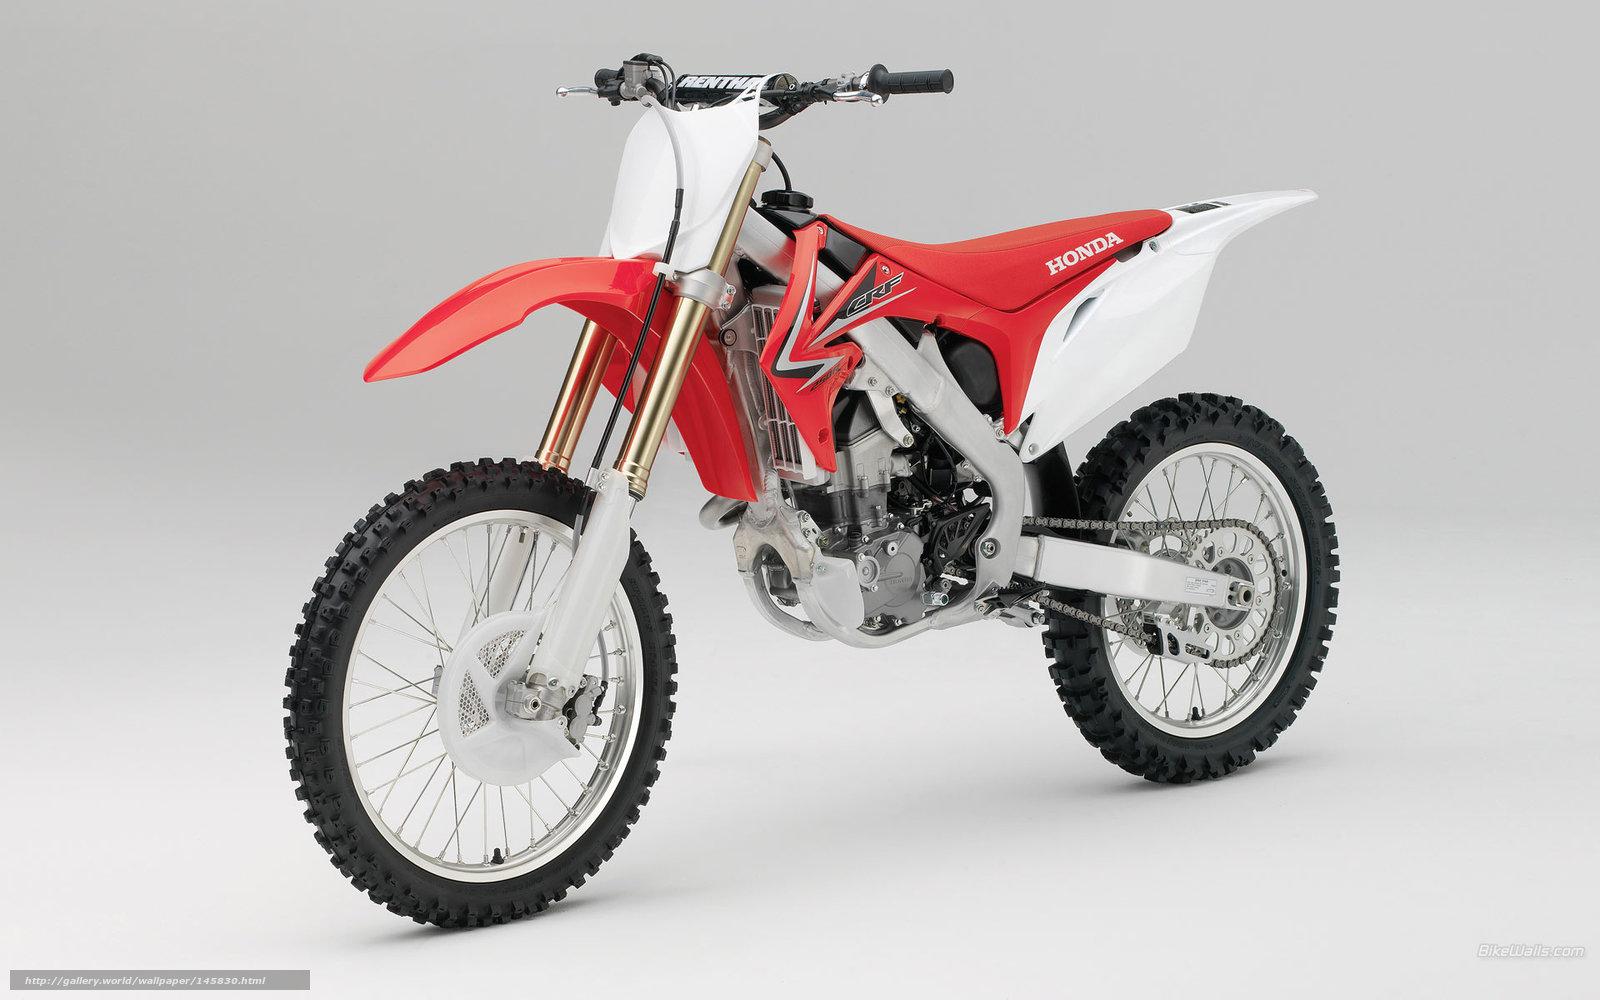 descargar gratis honda motocross crf250r crf250r 2010 fondos de escritorio en la resolucin